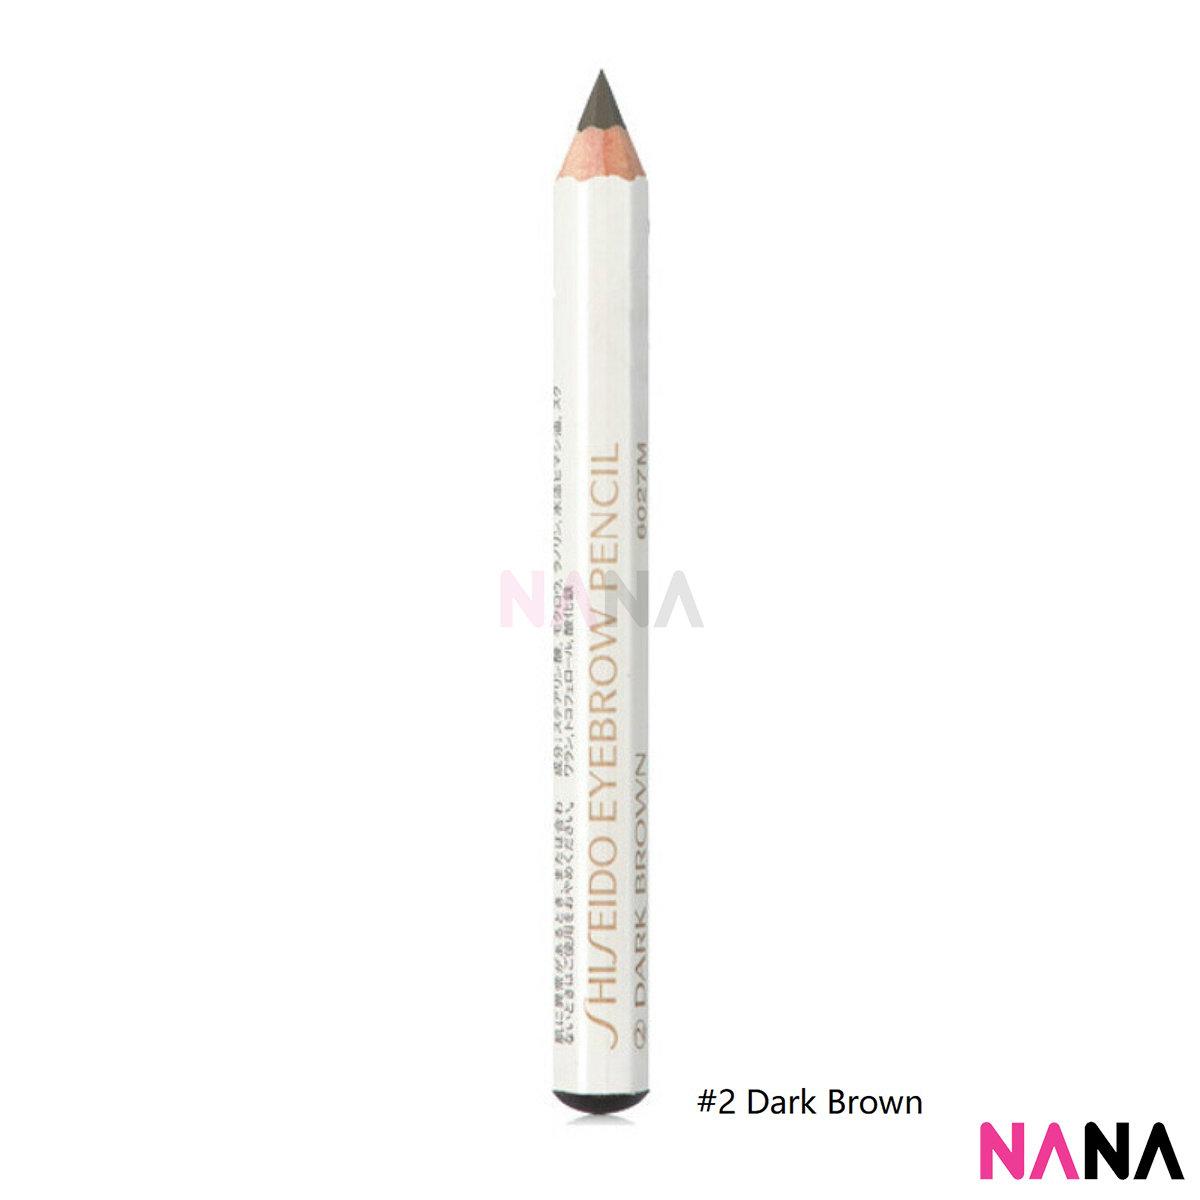 Eyebrow Pencil #2 Dark Brown